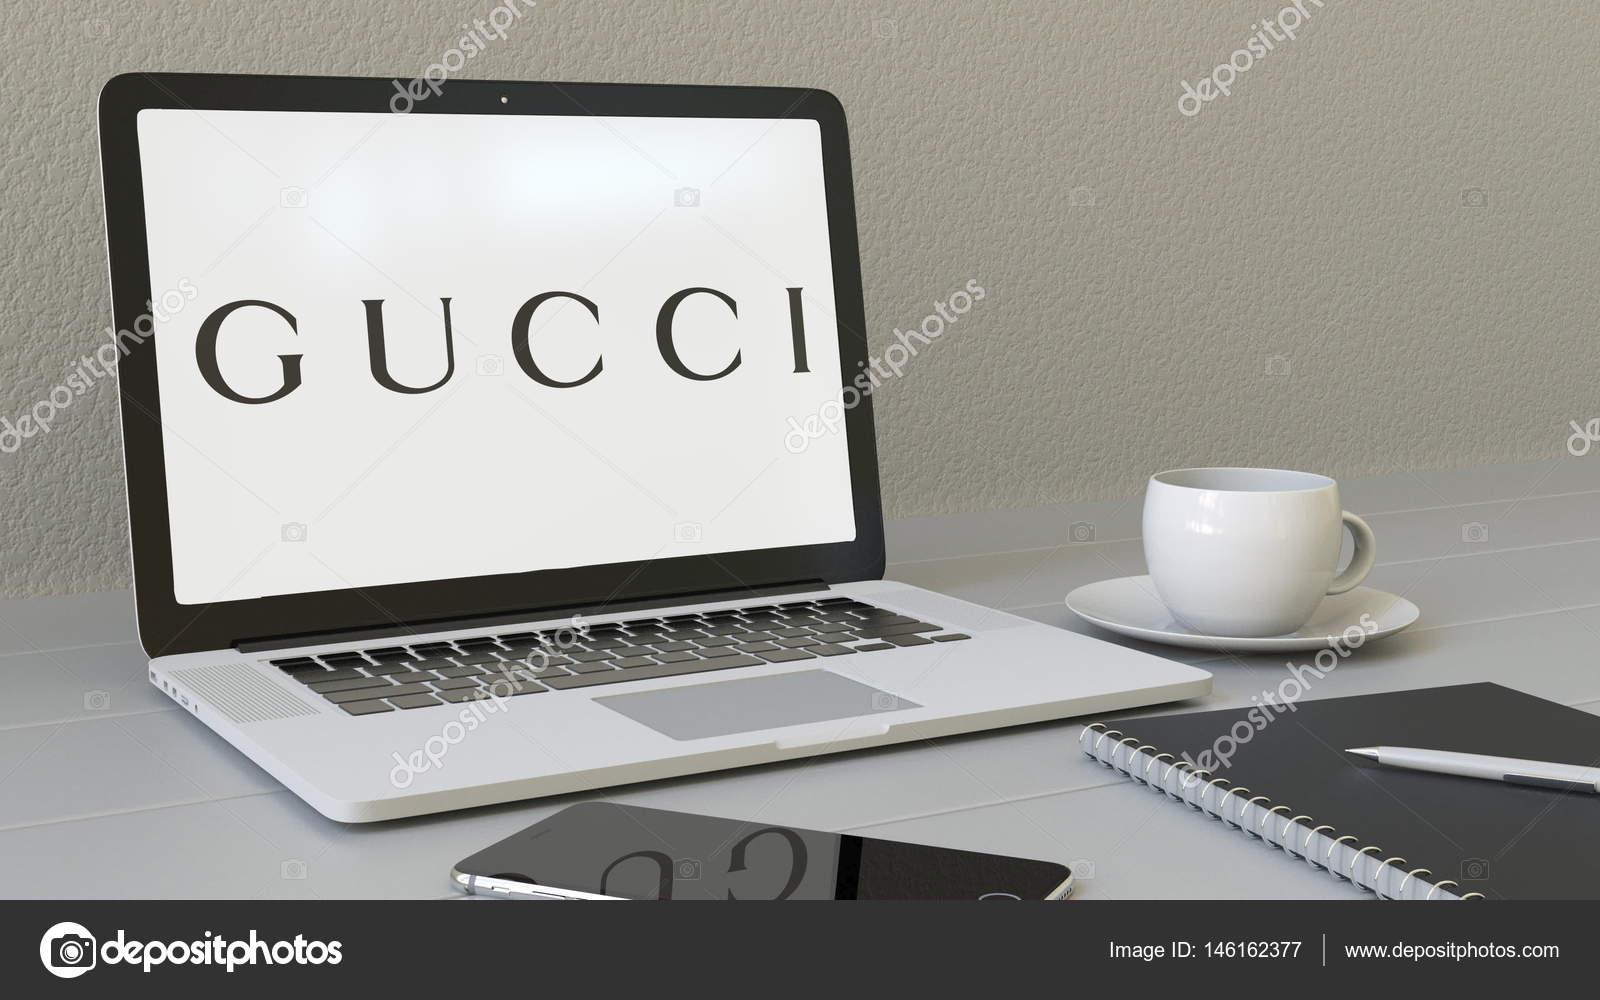 e5378504193e Gucci logo üstünde belgili tanımlık perde ile dizüstü bilgisayar. Modern  işyeri kavramsal editoryal 4k animasyon — alexeynovikov ...